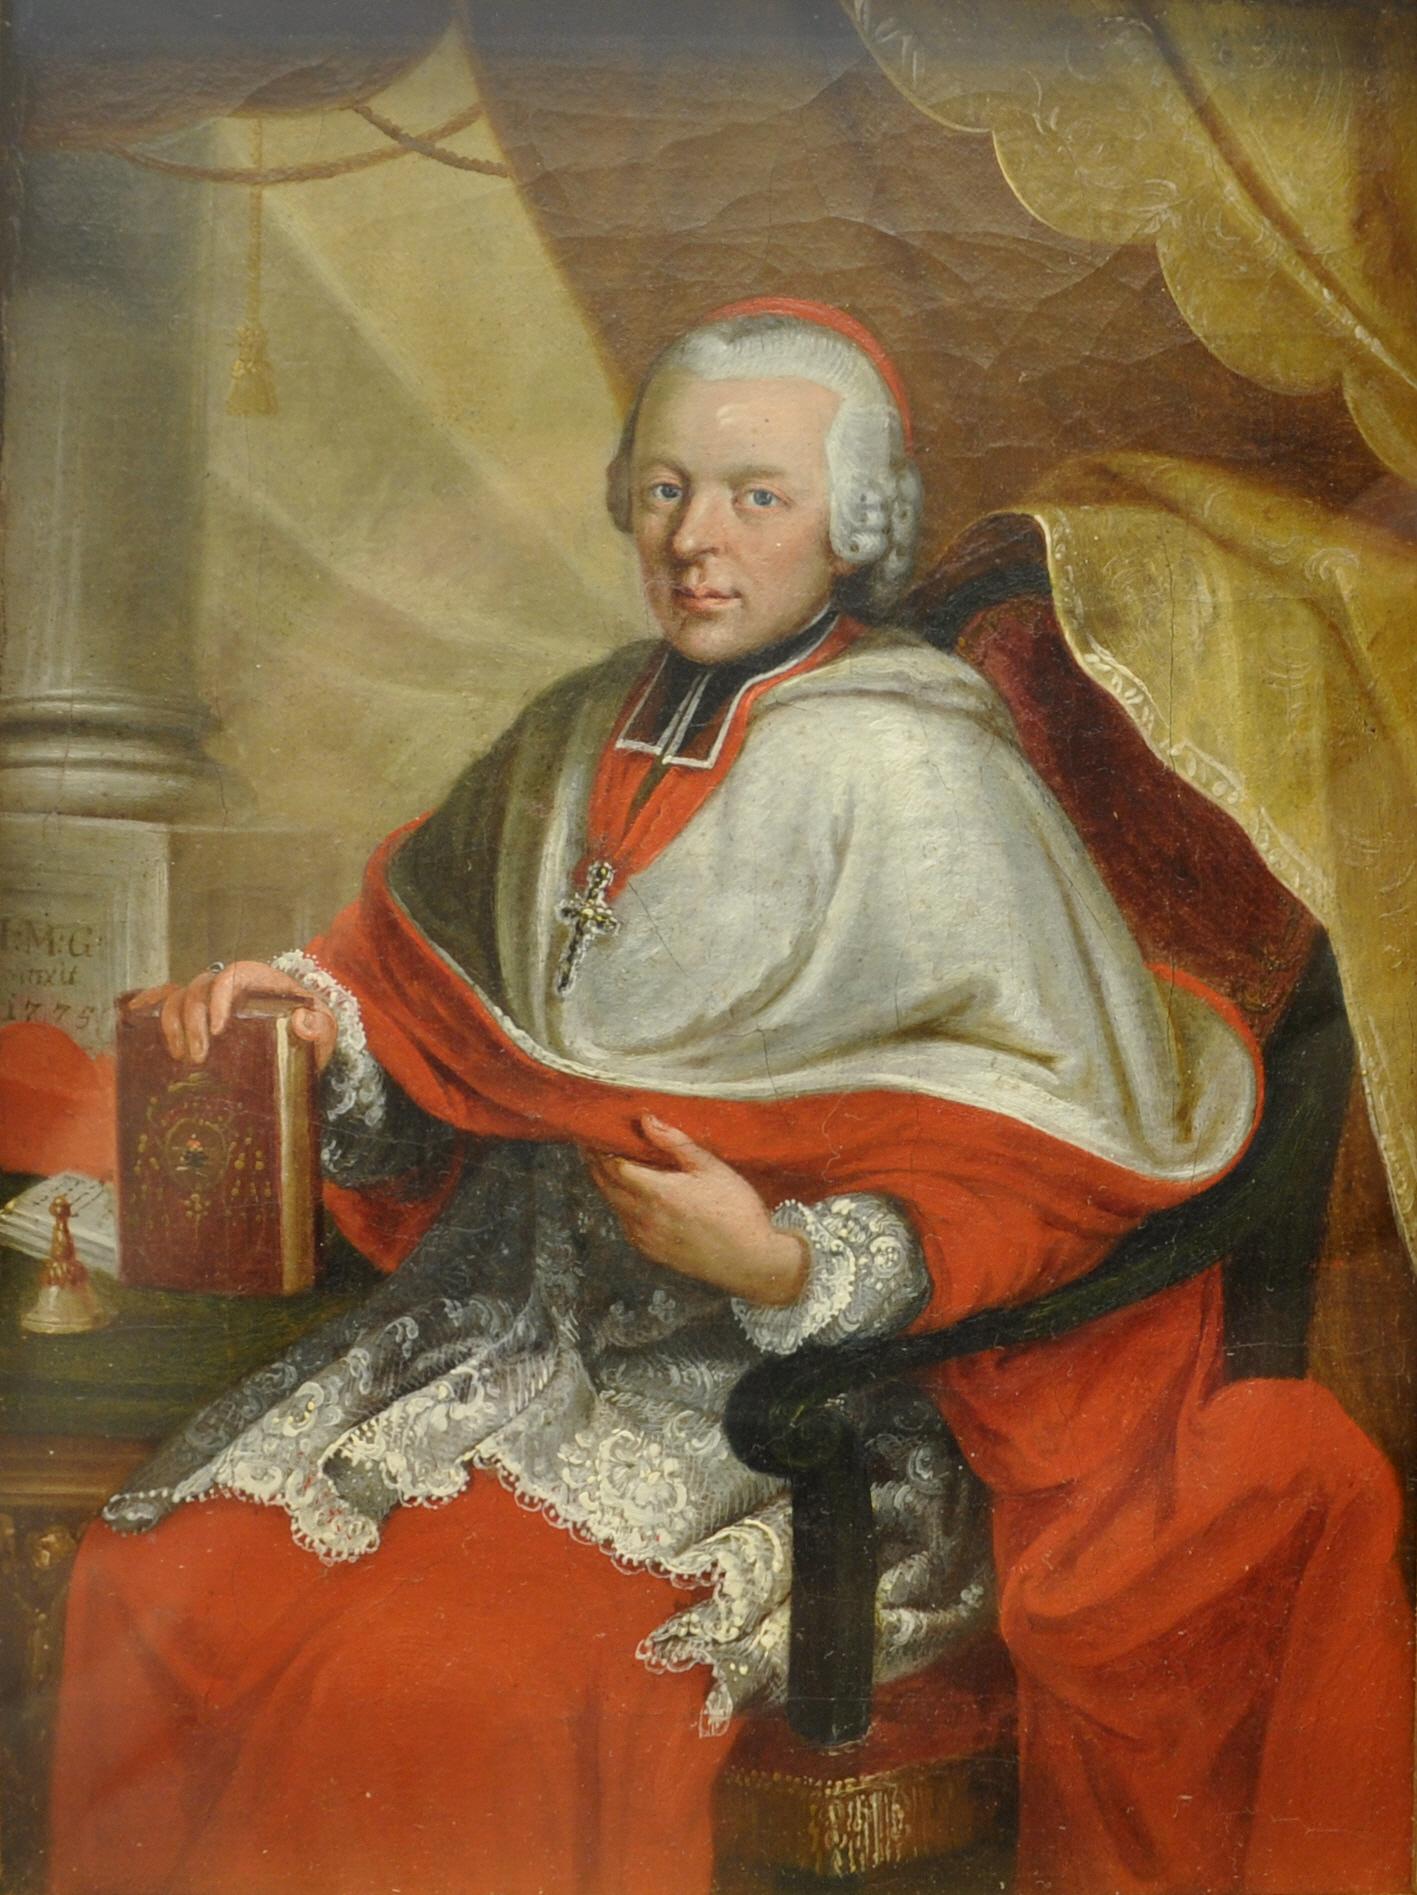 L'arquebisbe Colloredo